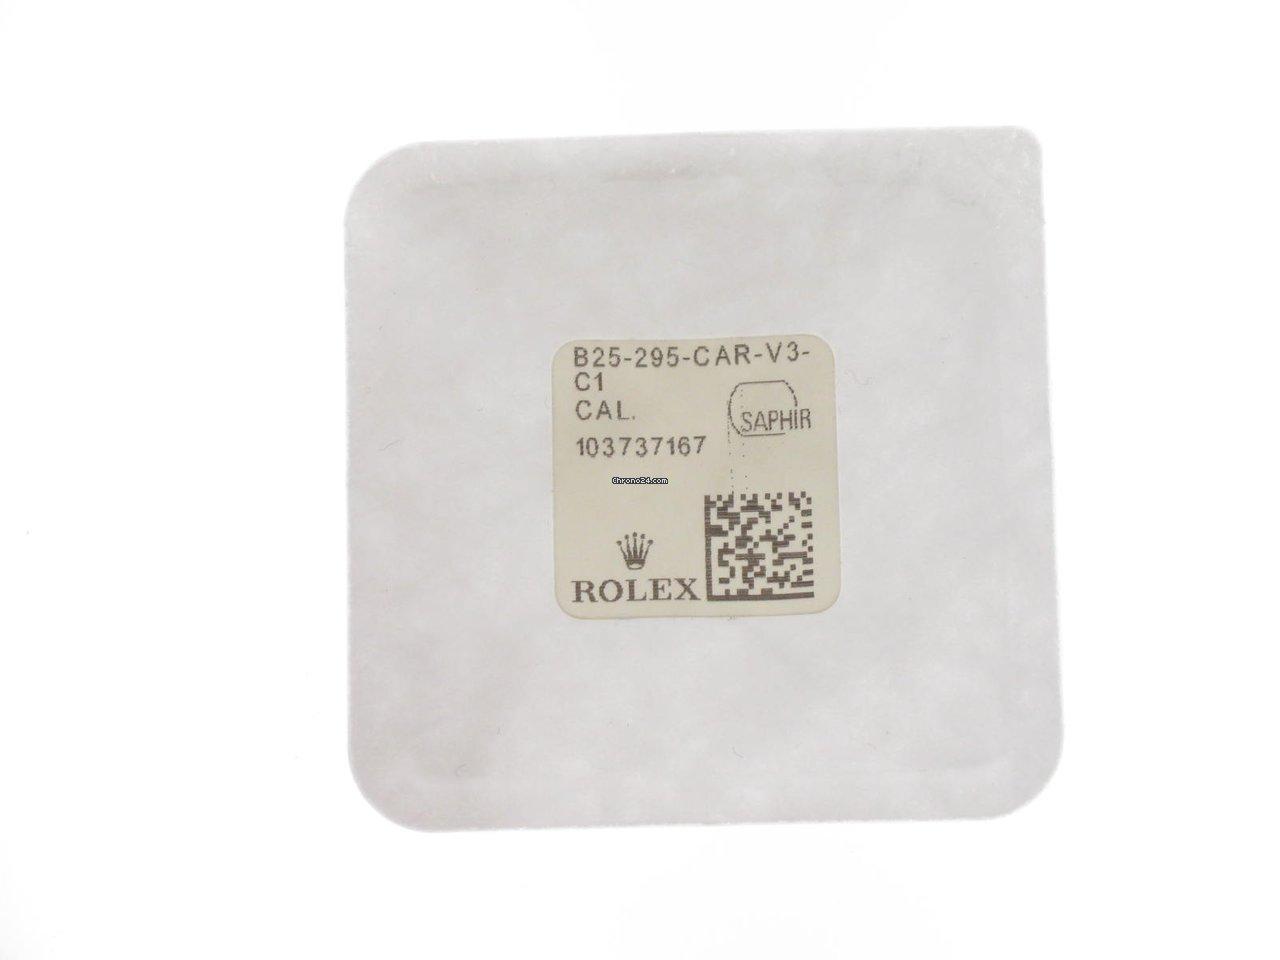 Rolex B25-295-CAR-V3-C1 new